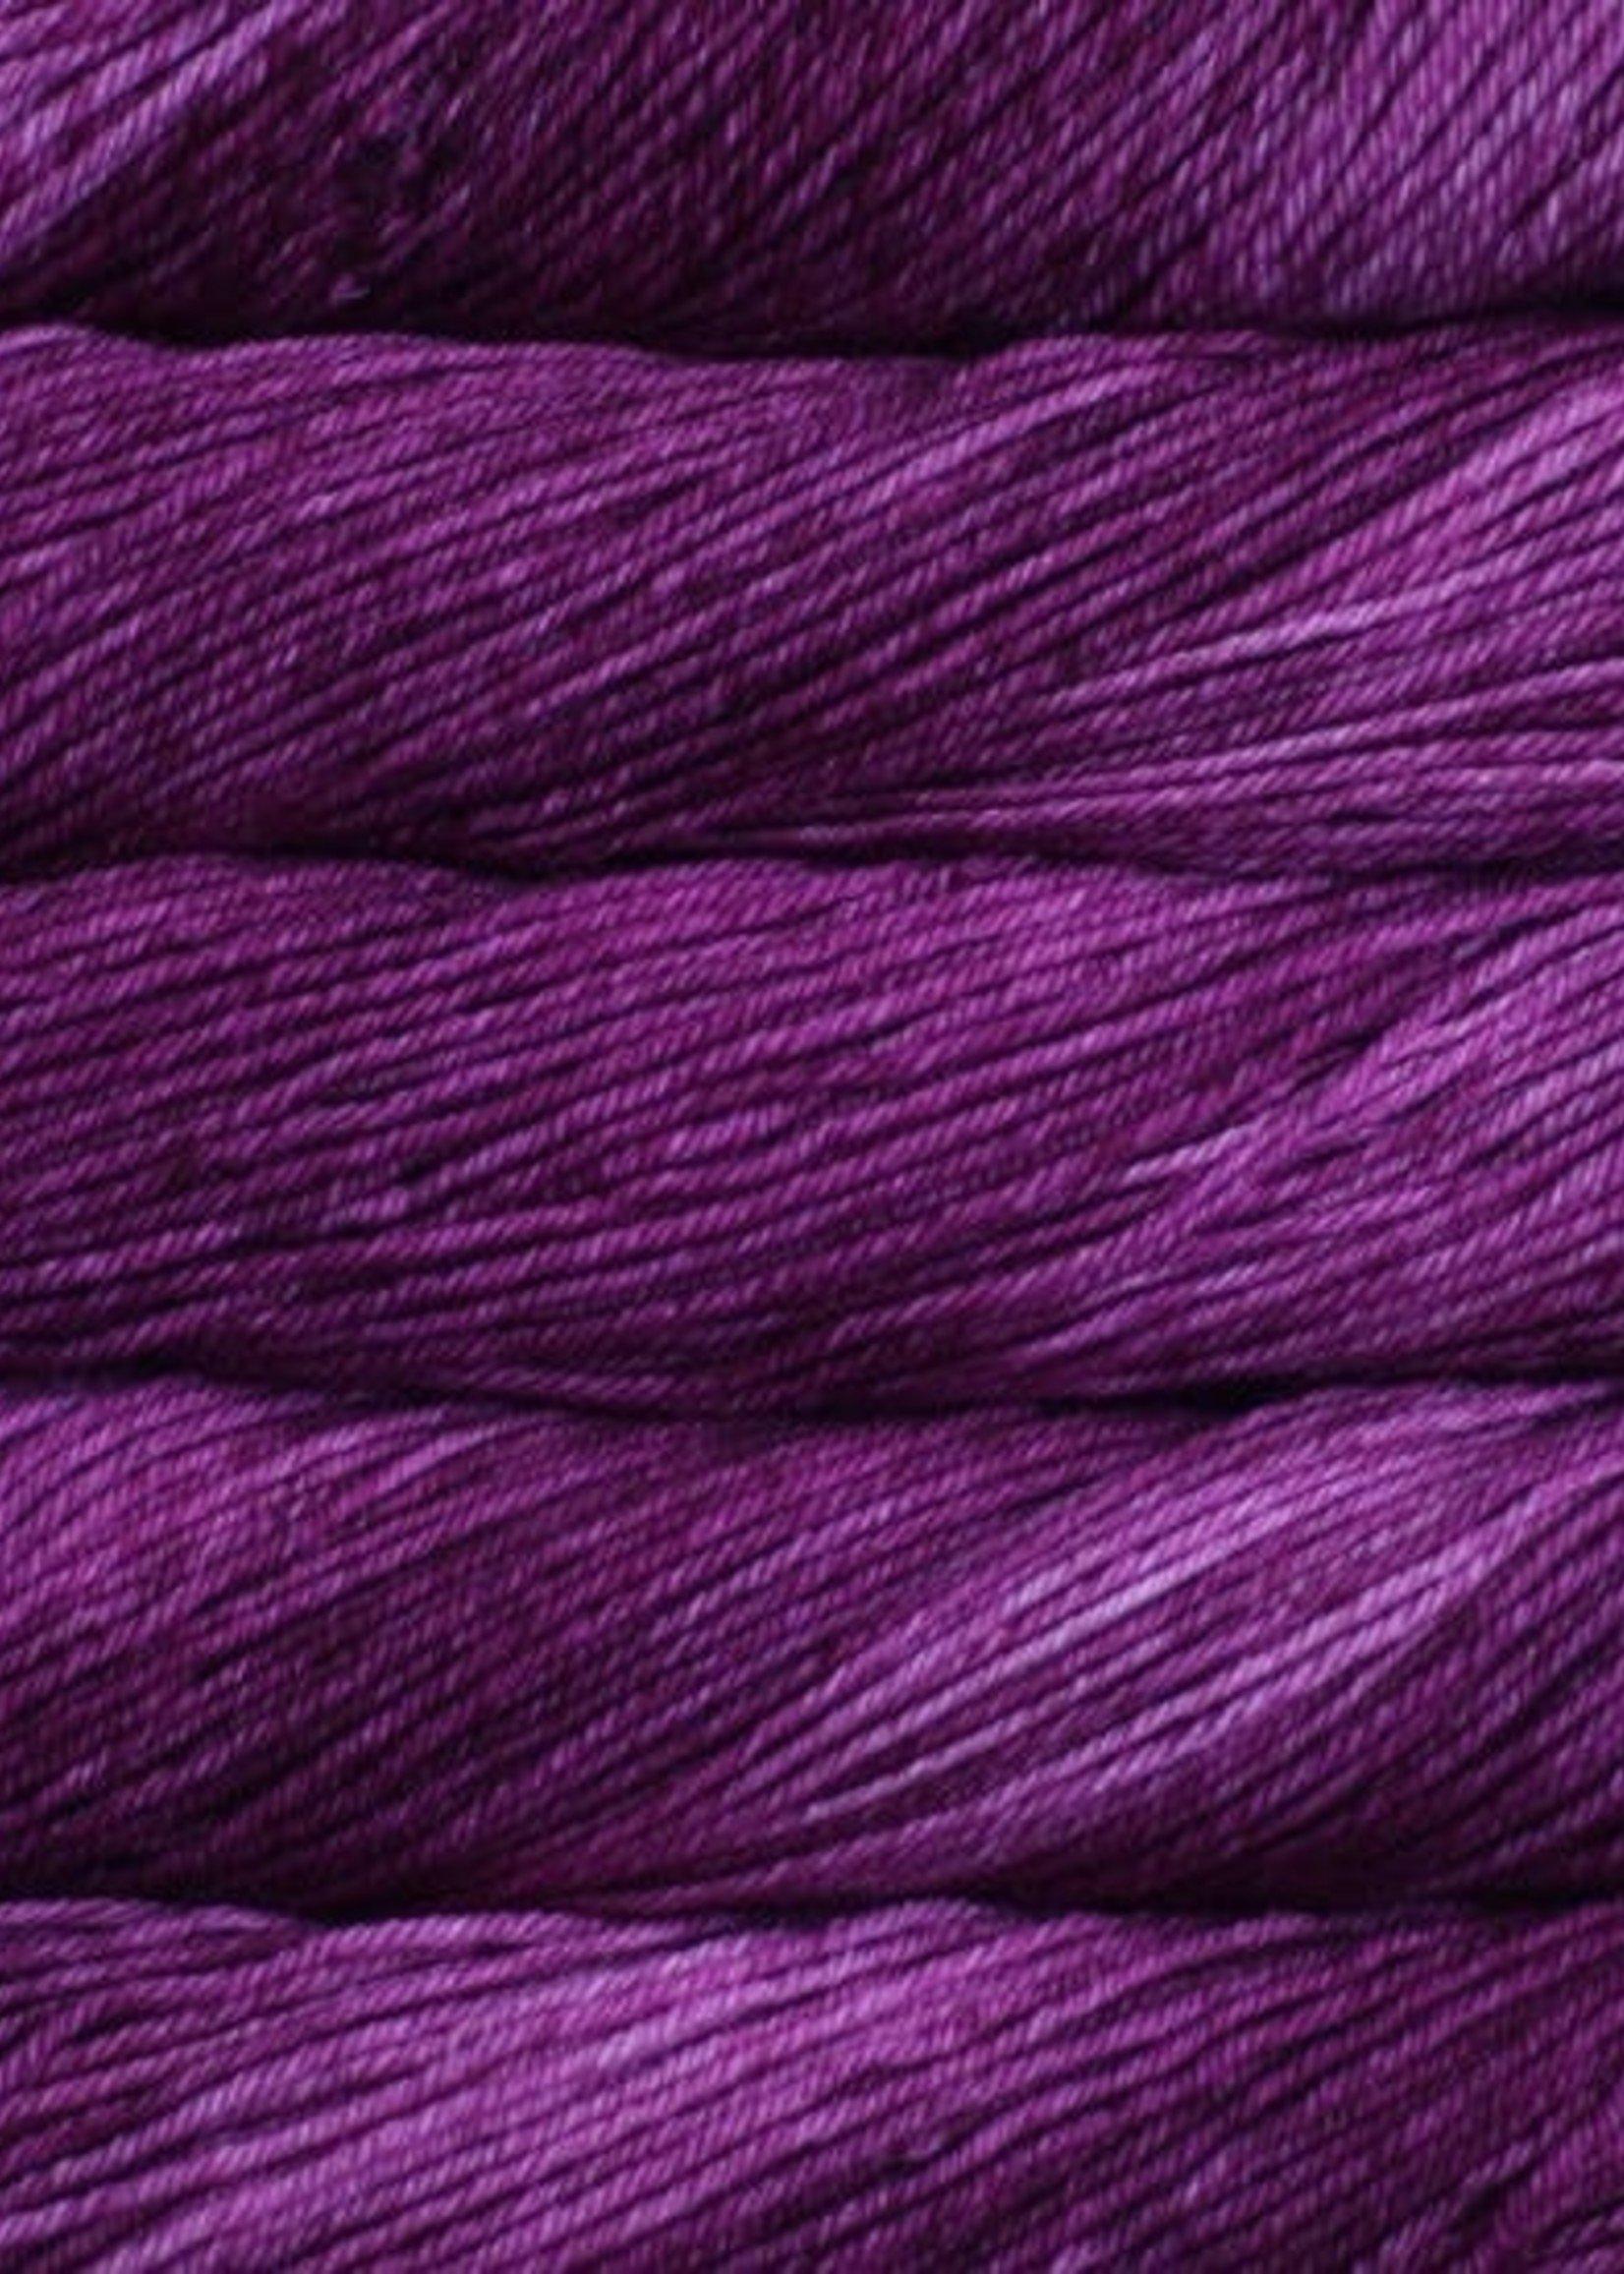 Malabrigo Yarn Malabrigo Rios Yarn #148 Holly Hock